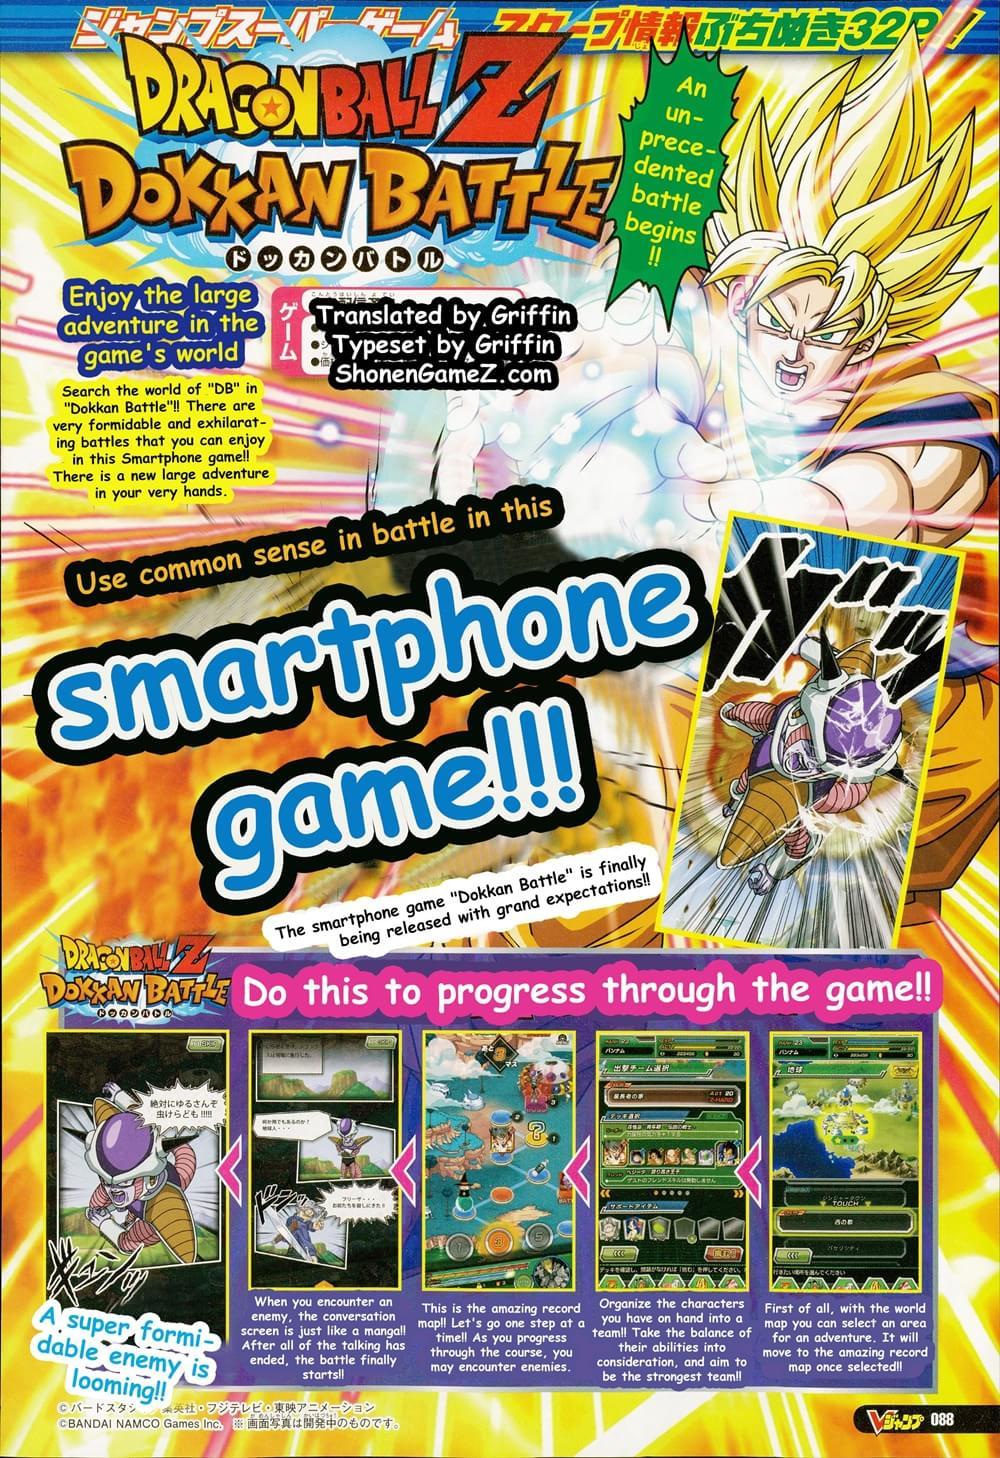 Mais informações sobre o jogo de smartphones de Dragon Ball Z são reveladas